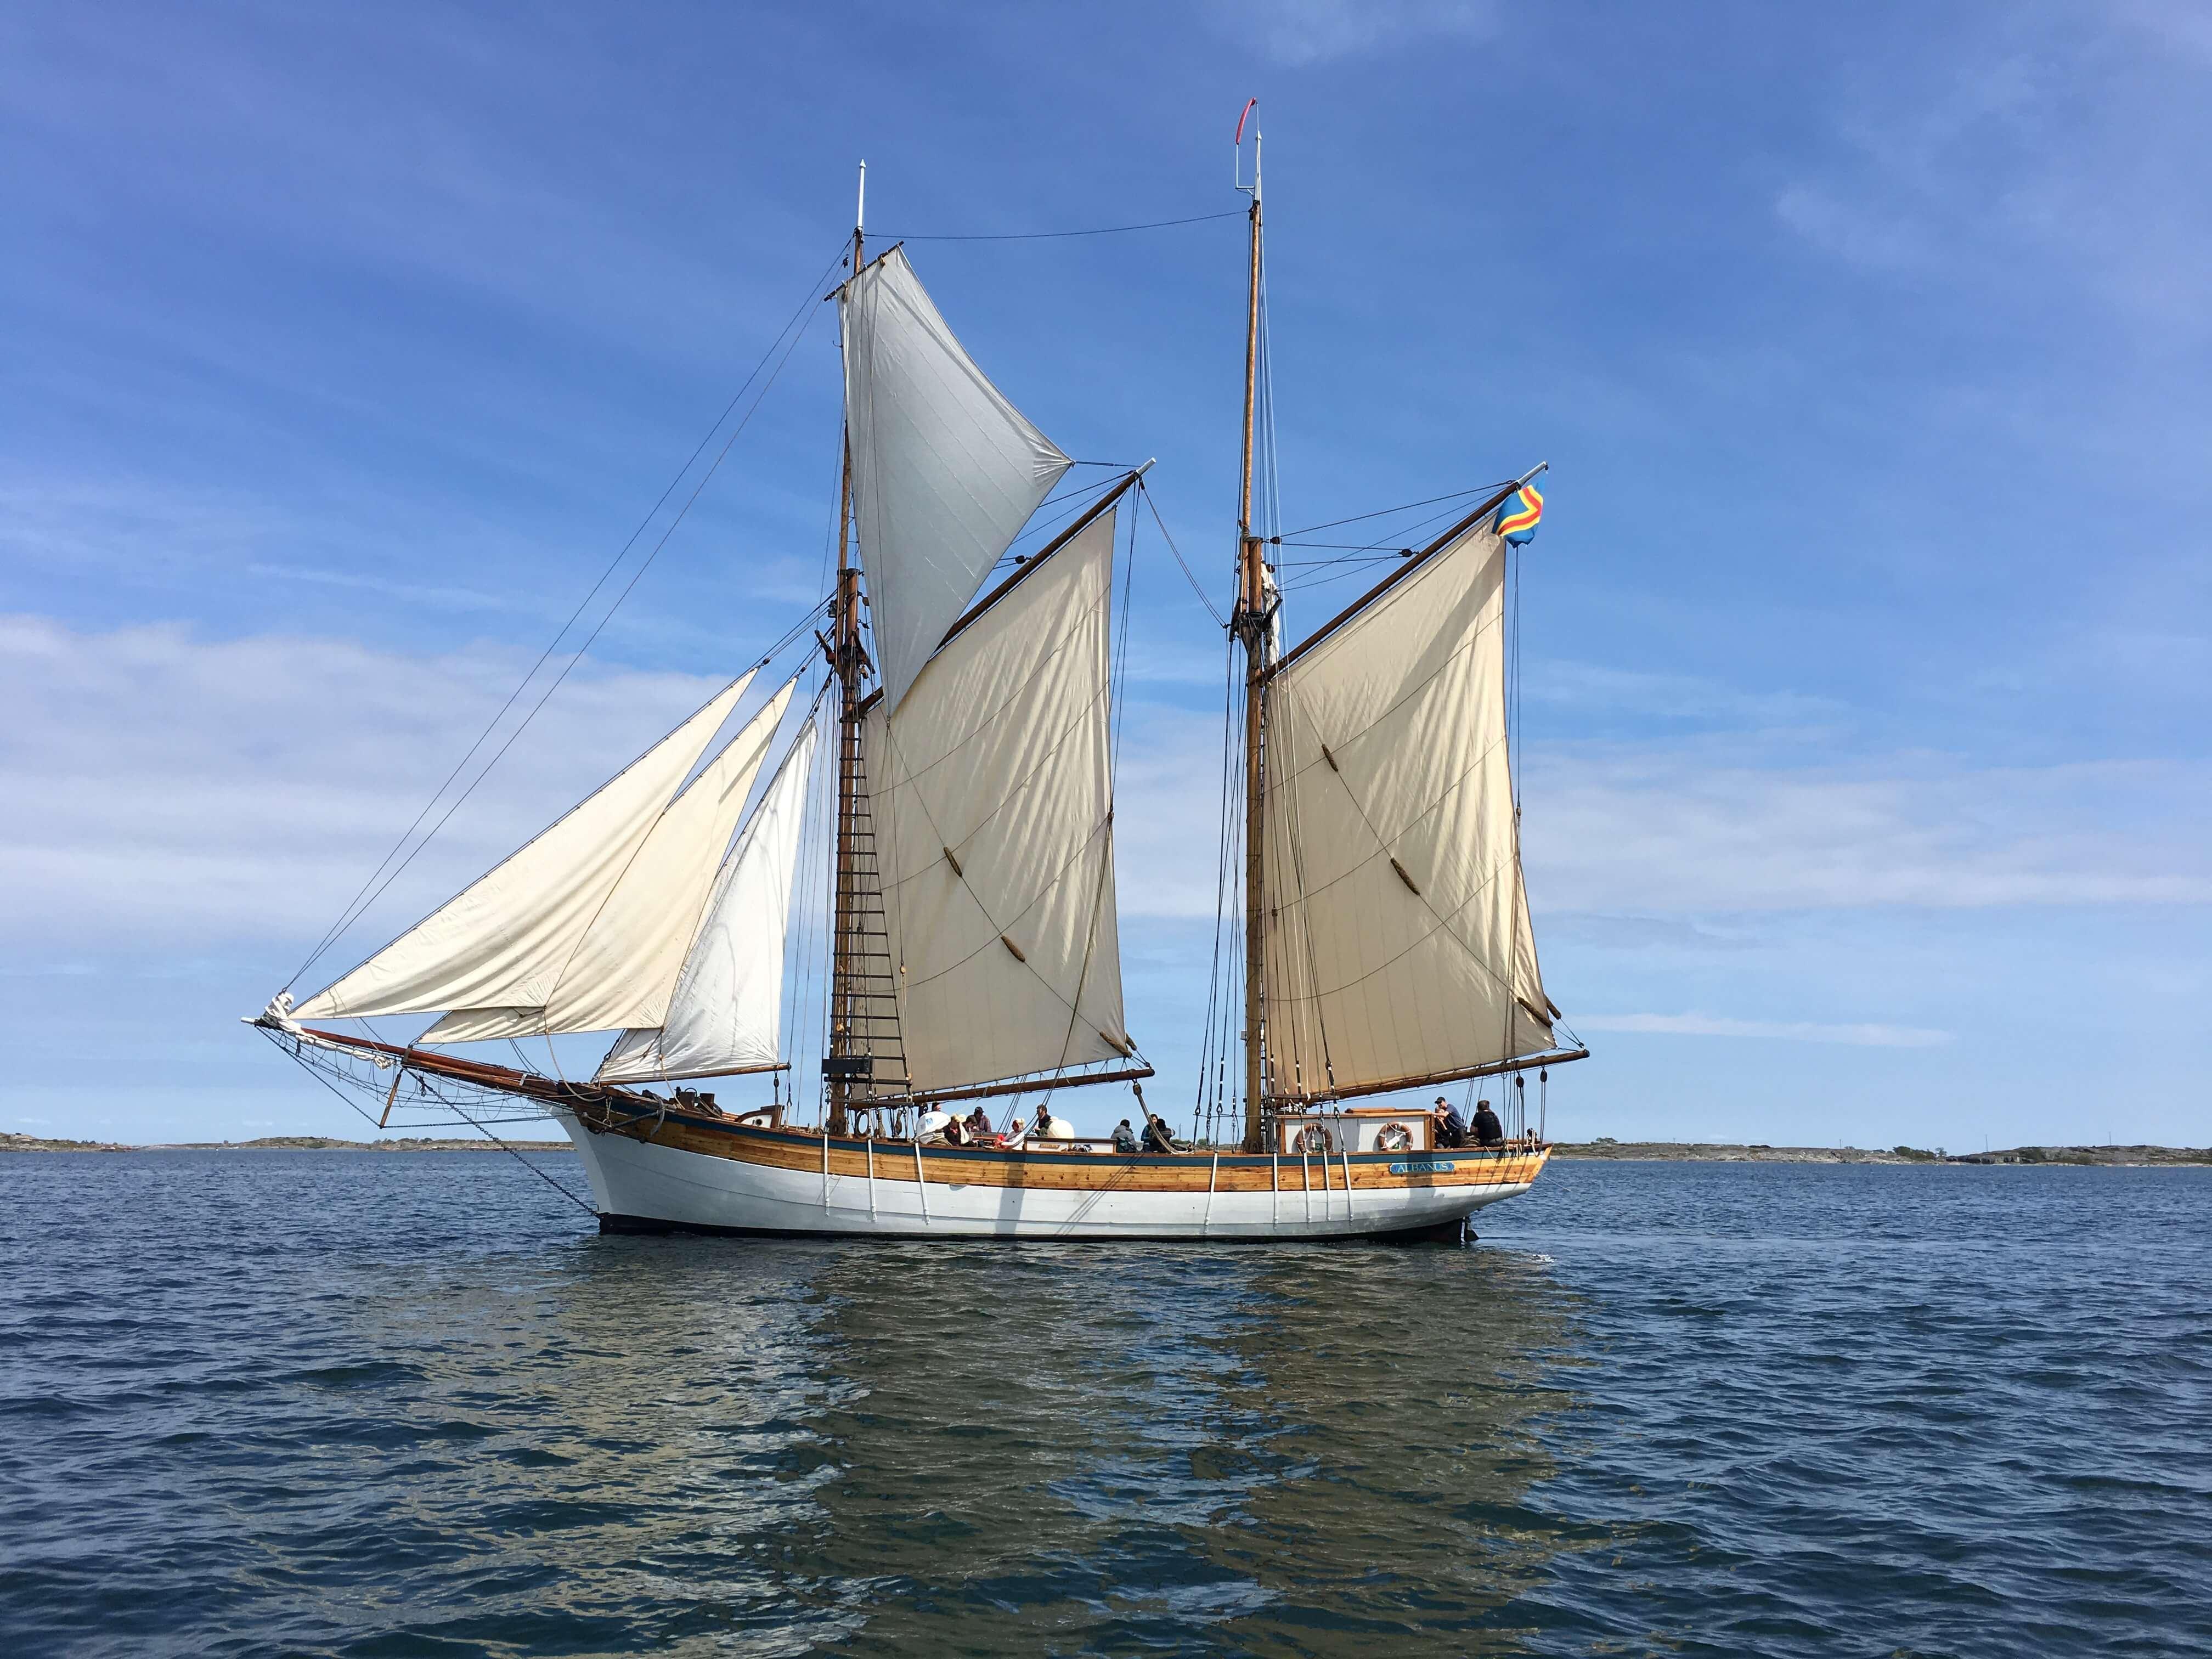 Invigning av pilgrimsleden S:t Olav Waterway - S:t Olavs sjöled